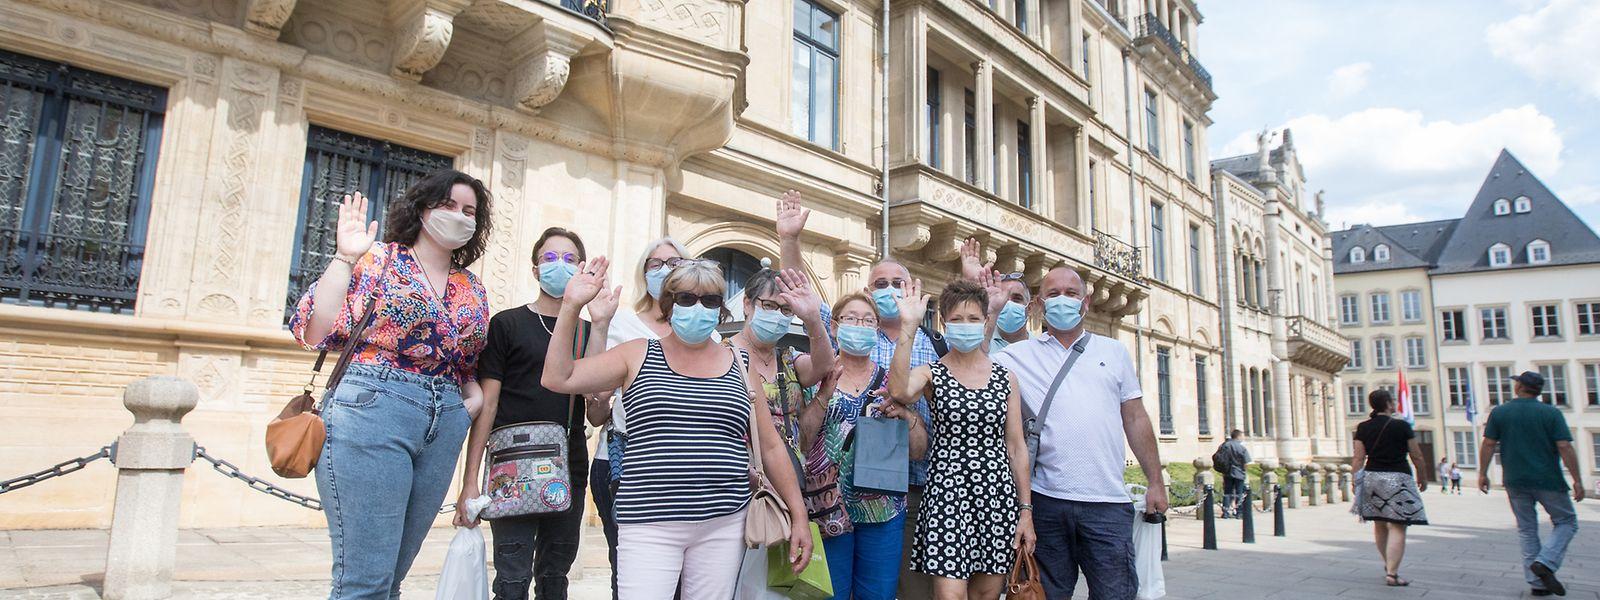 Pour visiter le palais, les touristes devront constituer des groupes de dix personnes maximum et porter une protection tout au long.